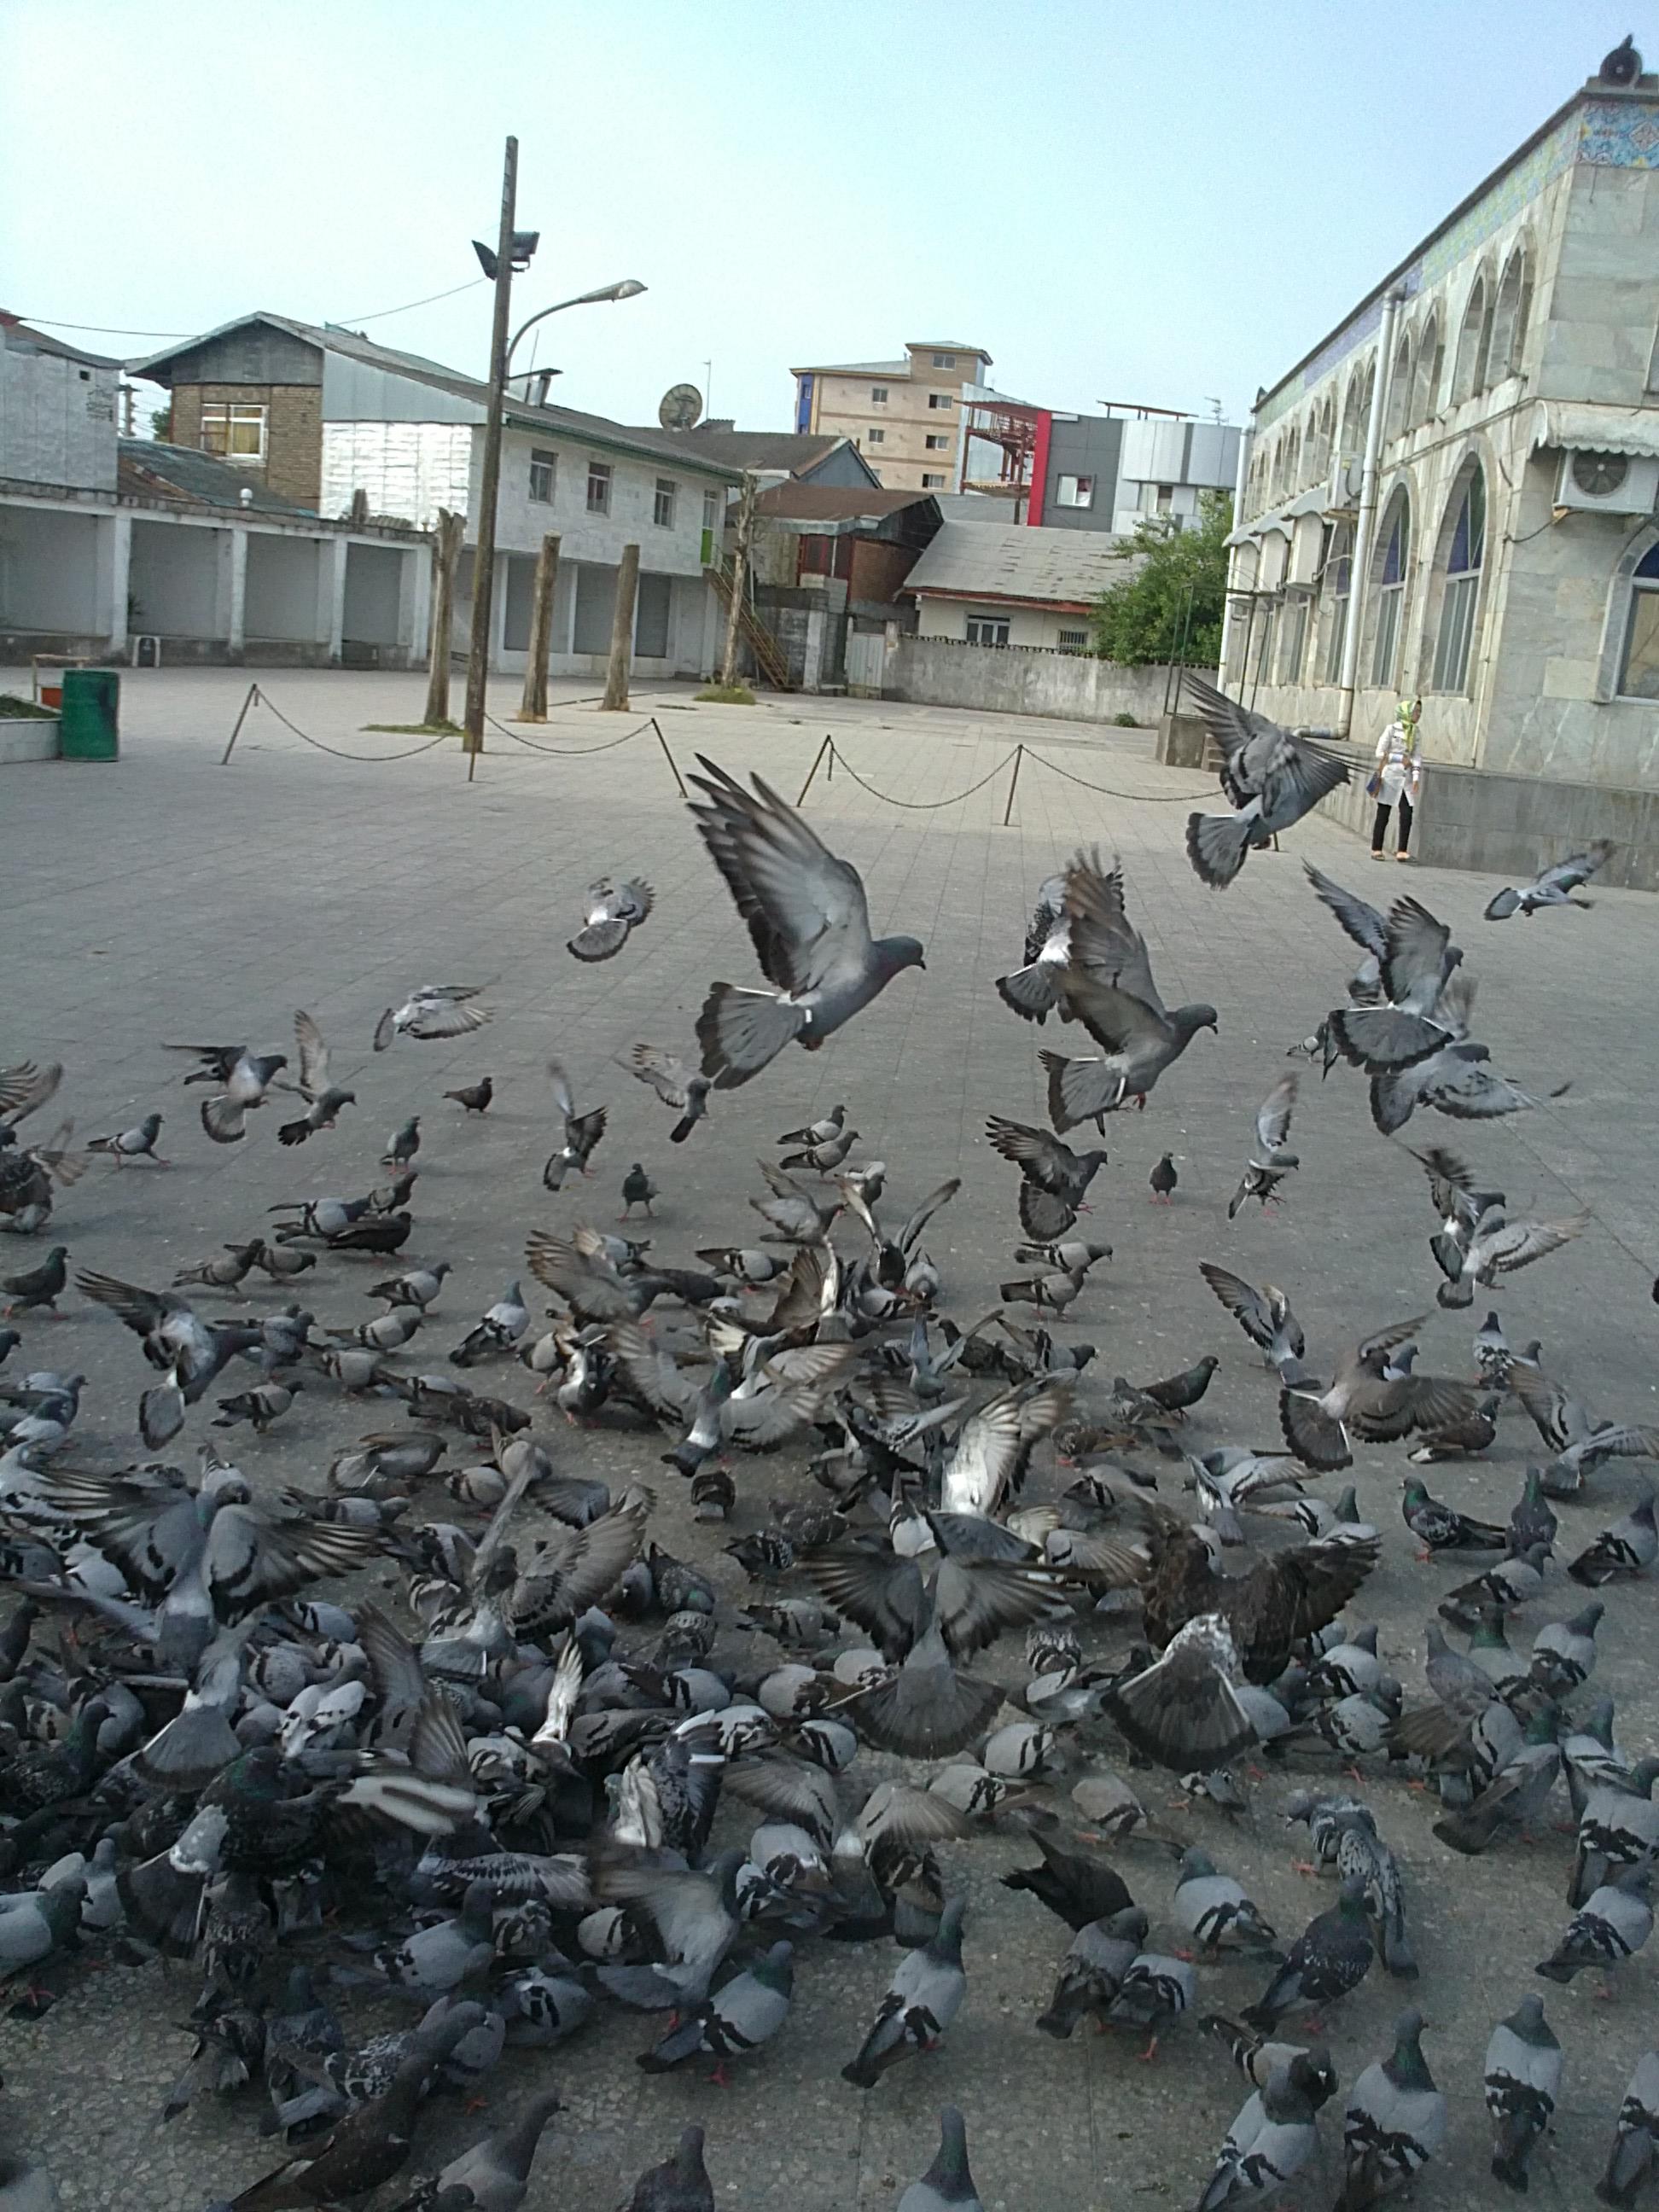 خمام - کبوترهای مسجد جامع خمام